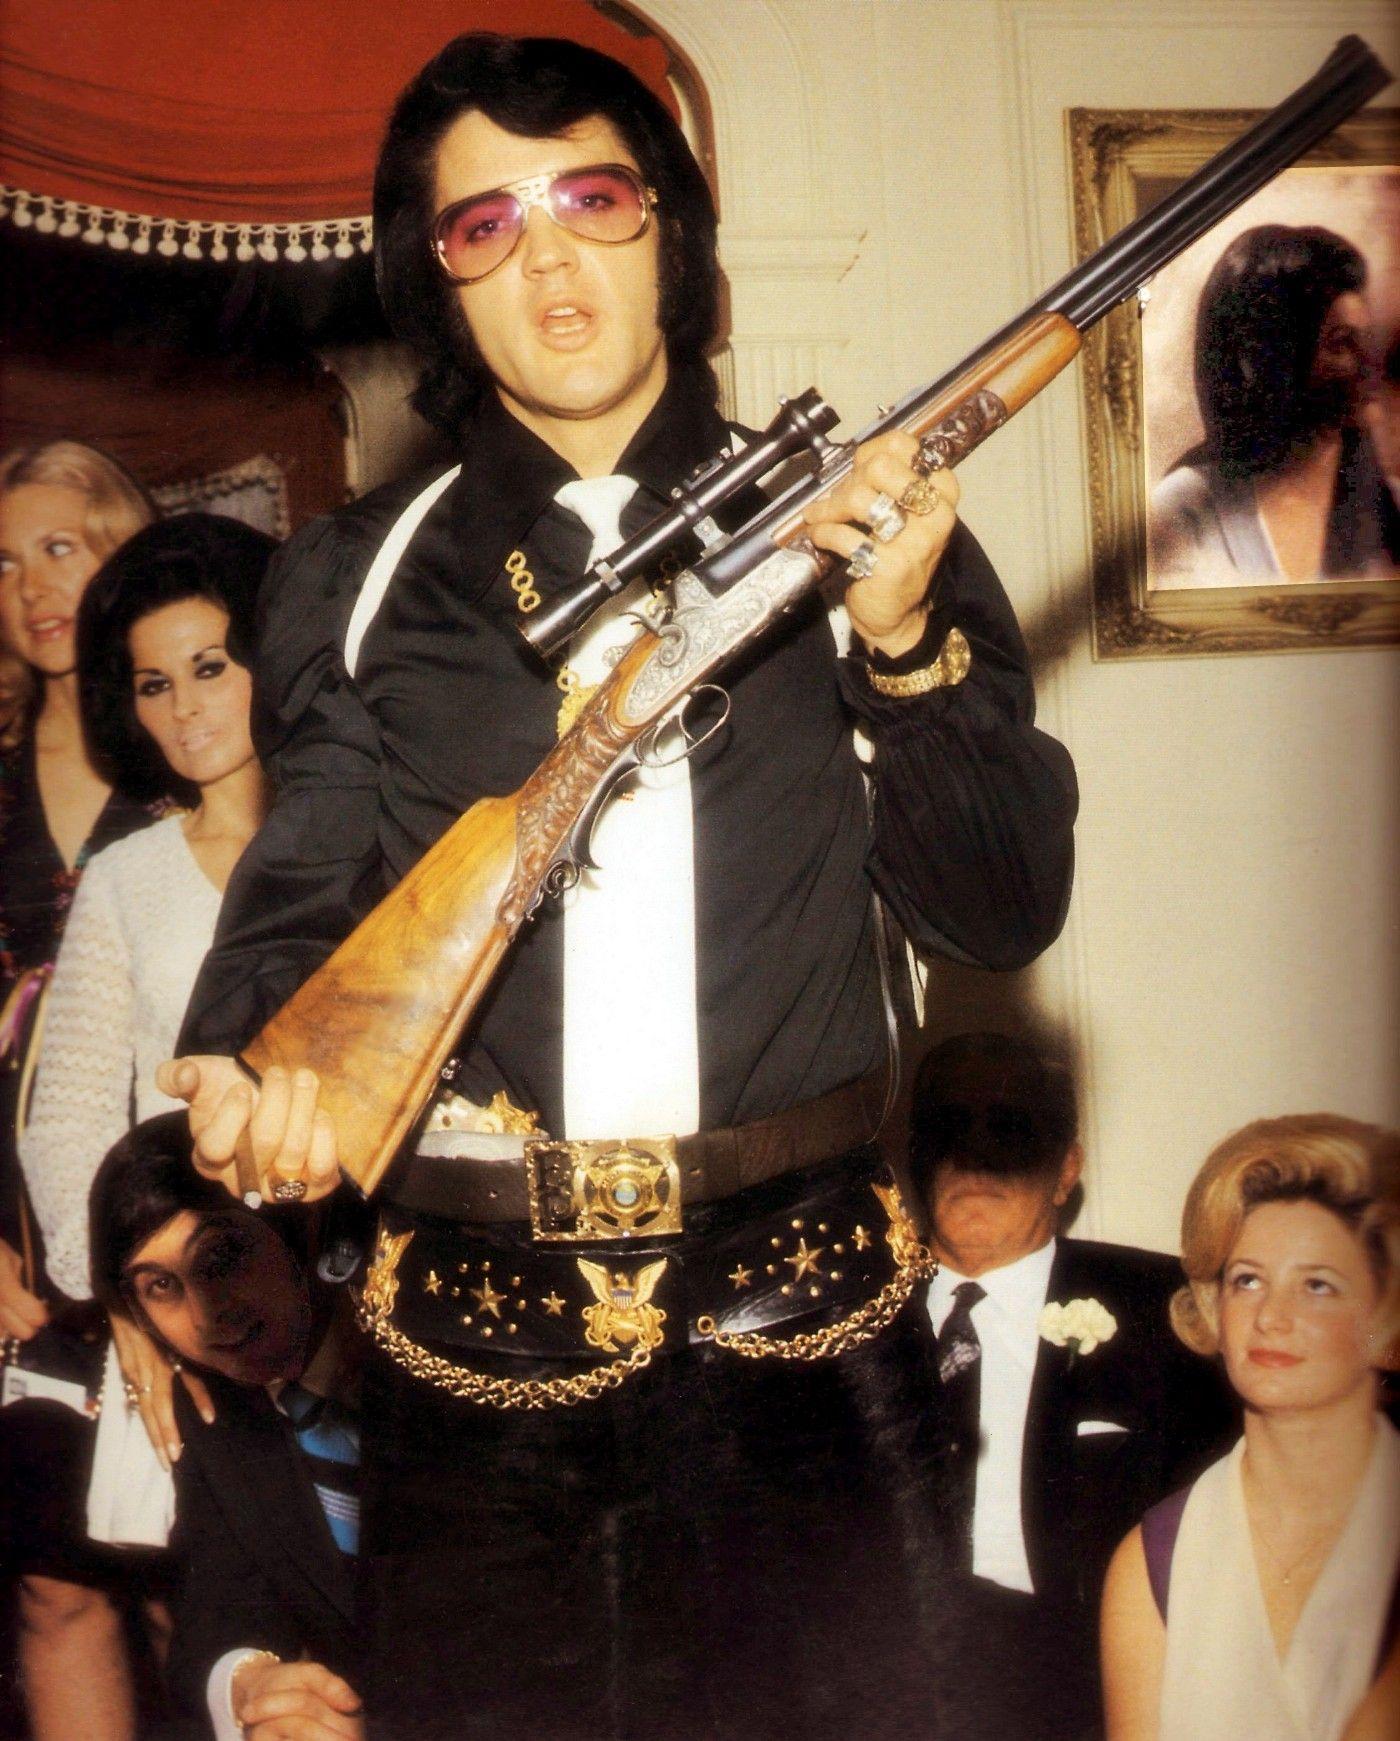 bcf395104a26652da723876ac7b4ffb1 10 Things You Didn't Know About Elvis Presley